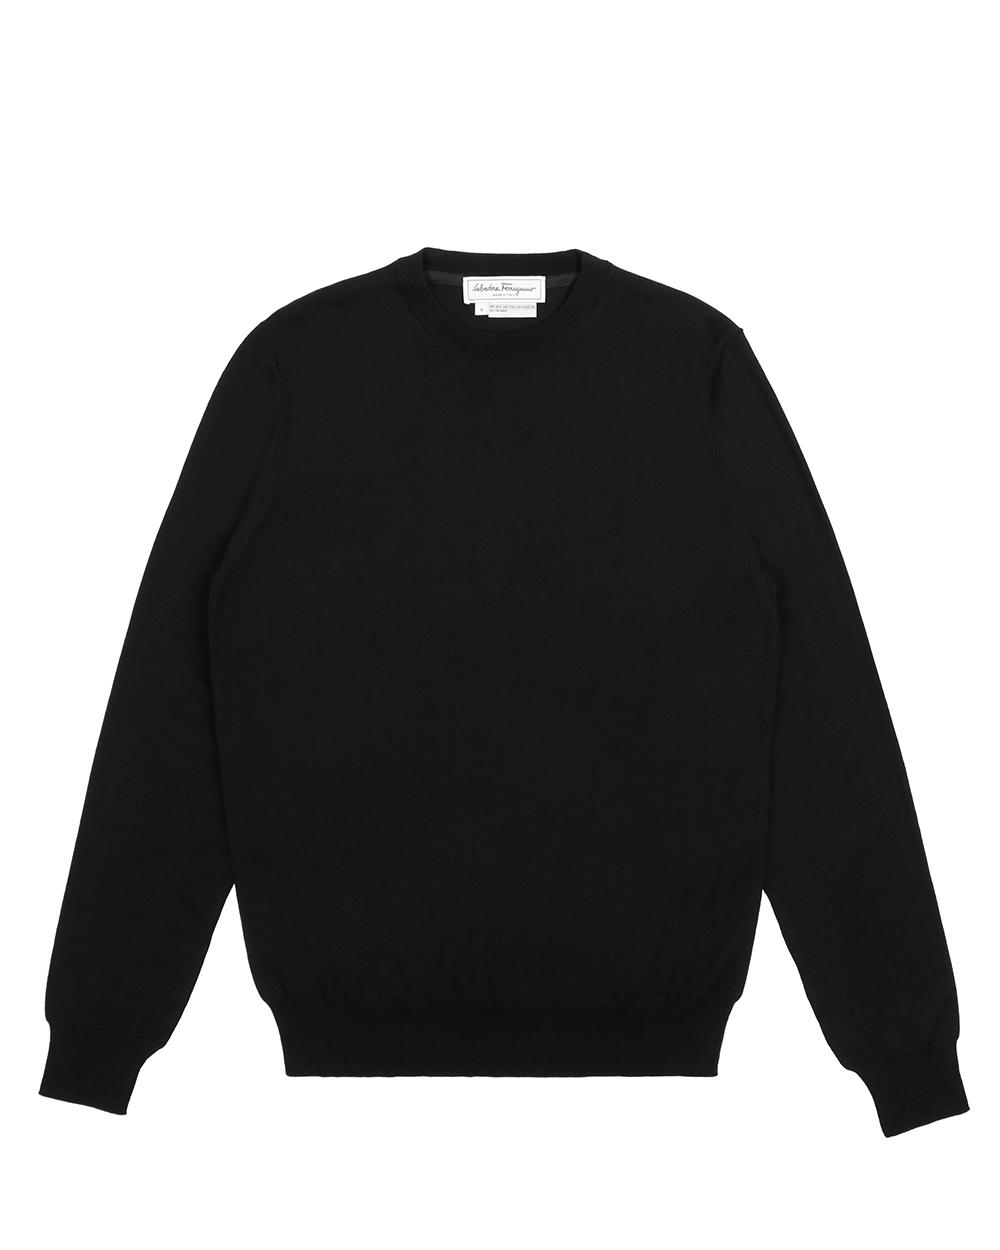 Cotton Round Neck Sweater